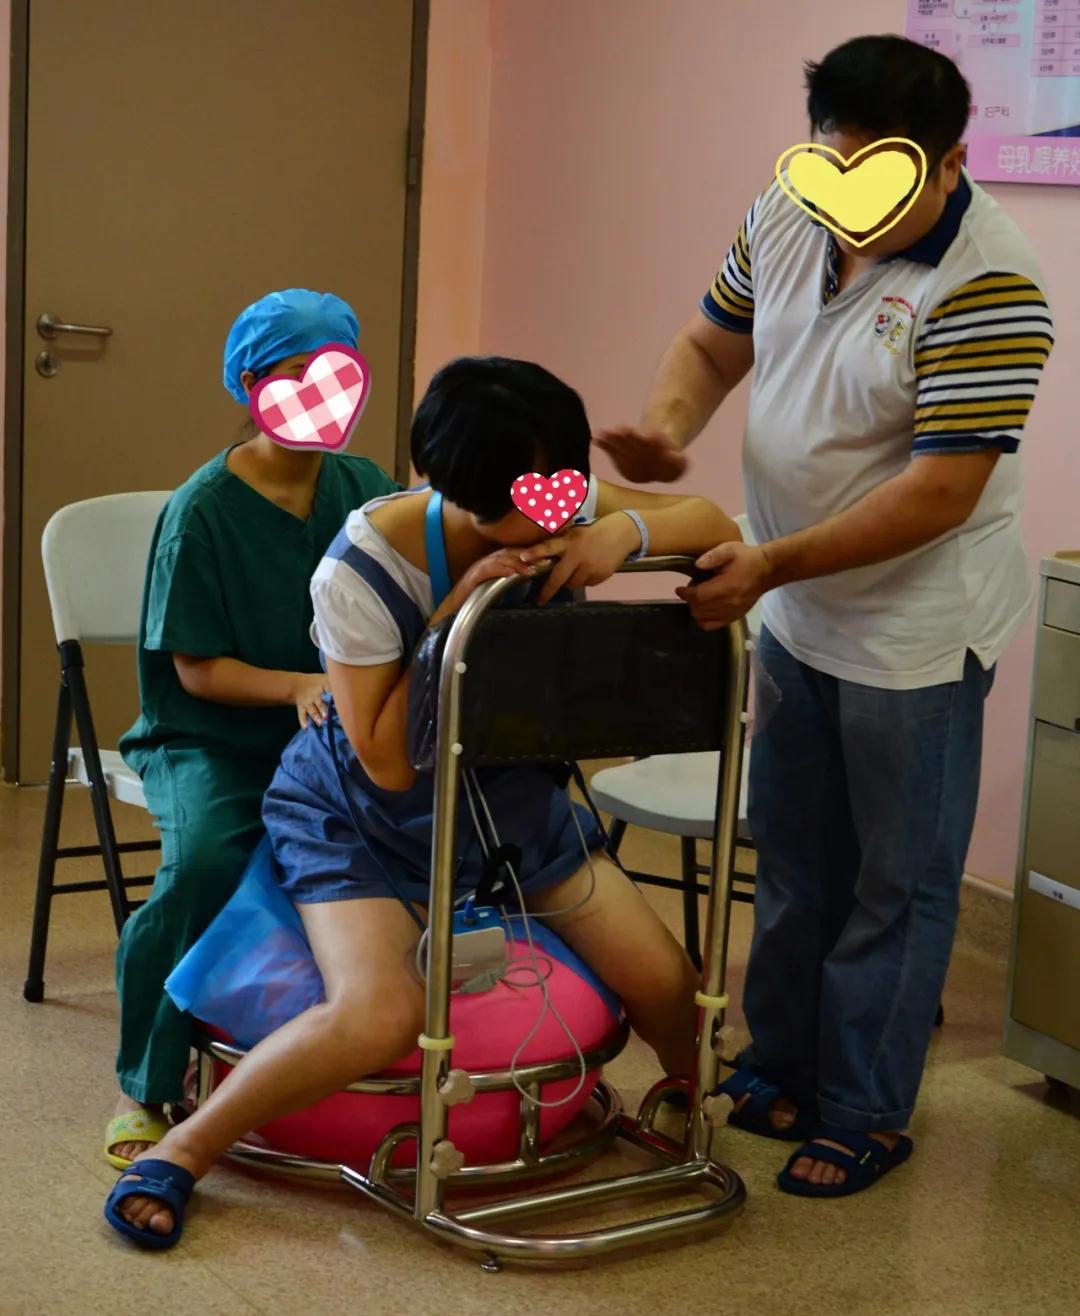 厦门莲花医院导乐分娩服务,让准妈妈顺产又顺心